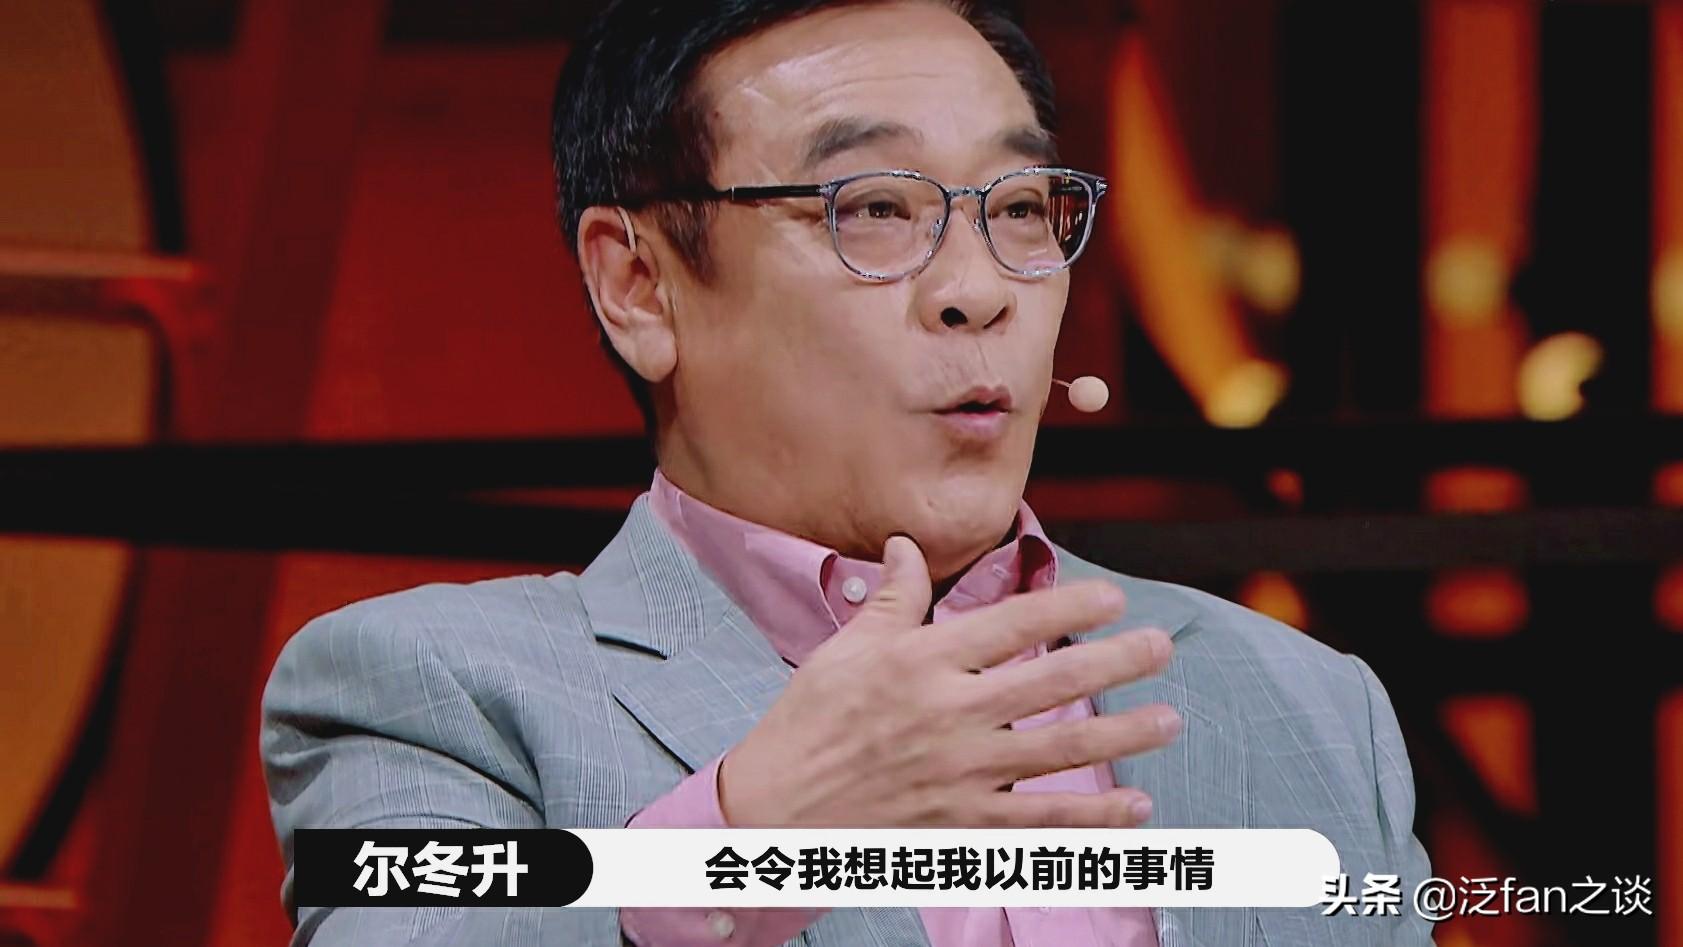 """《演员请就位》:晏紫东小彩旗吻戏吻出""""黏液"""",却获李诚儒认可"""